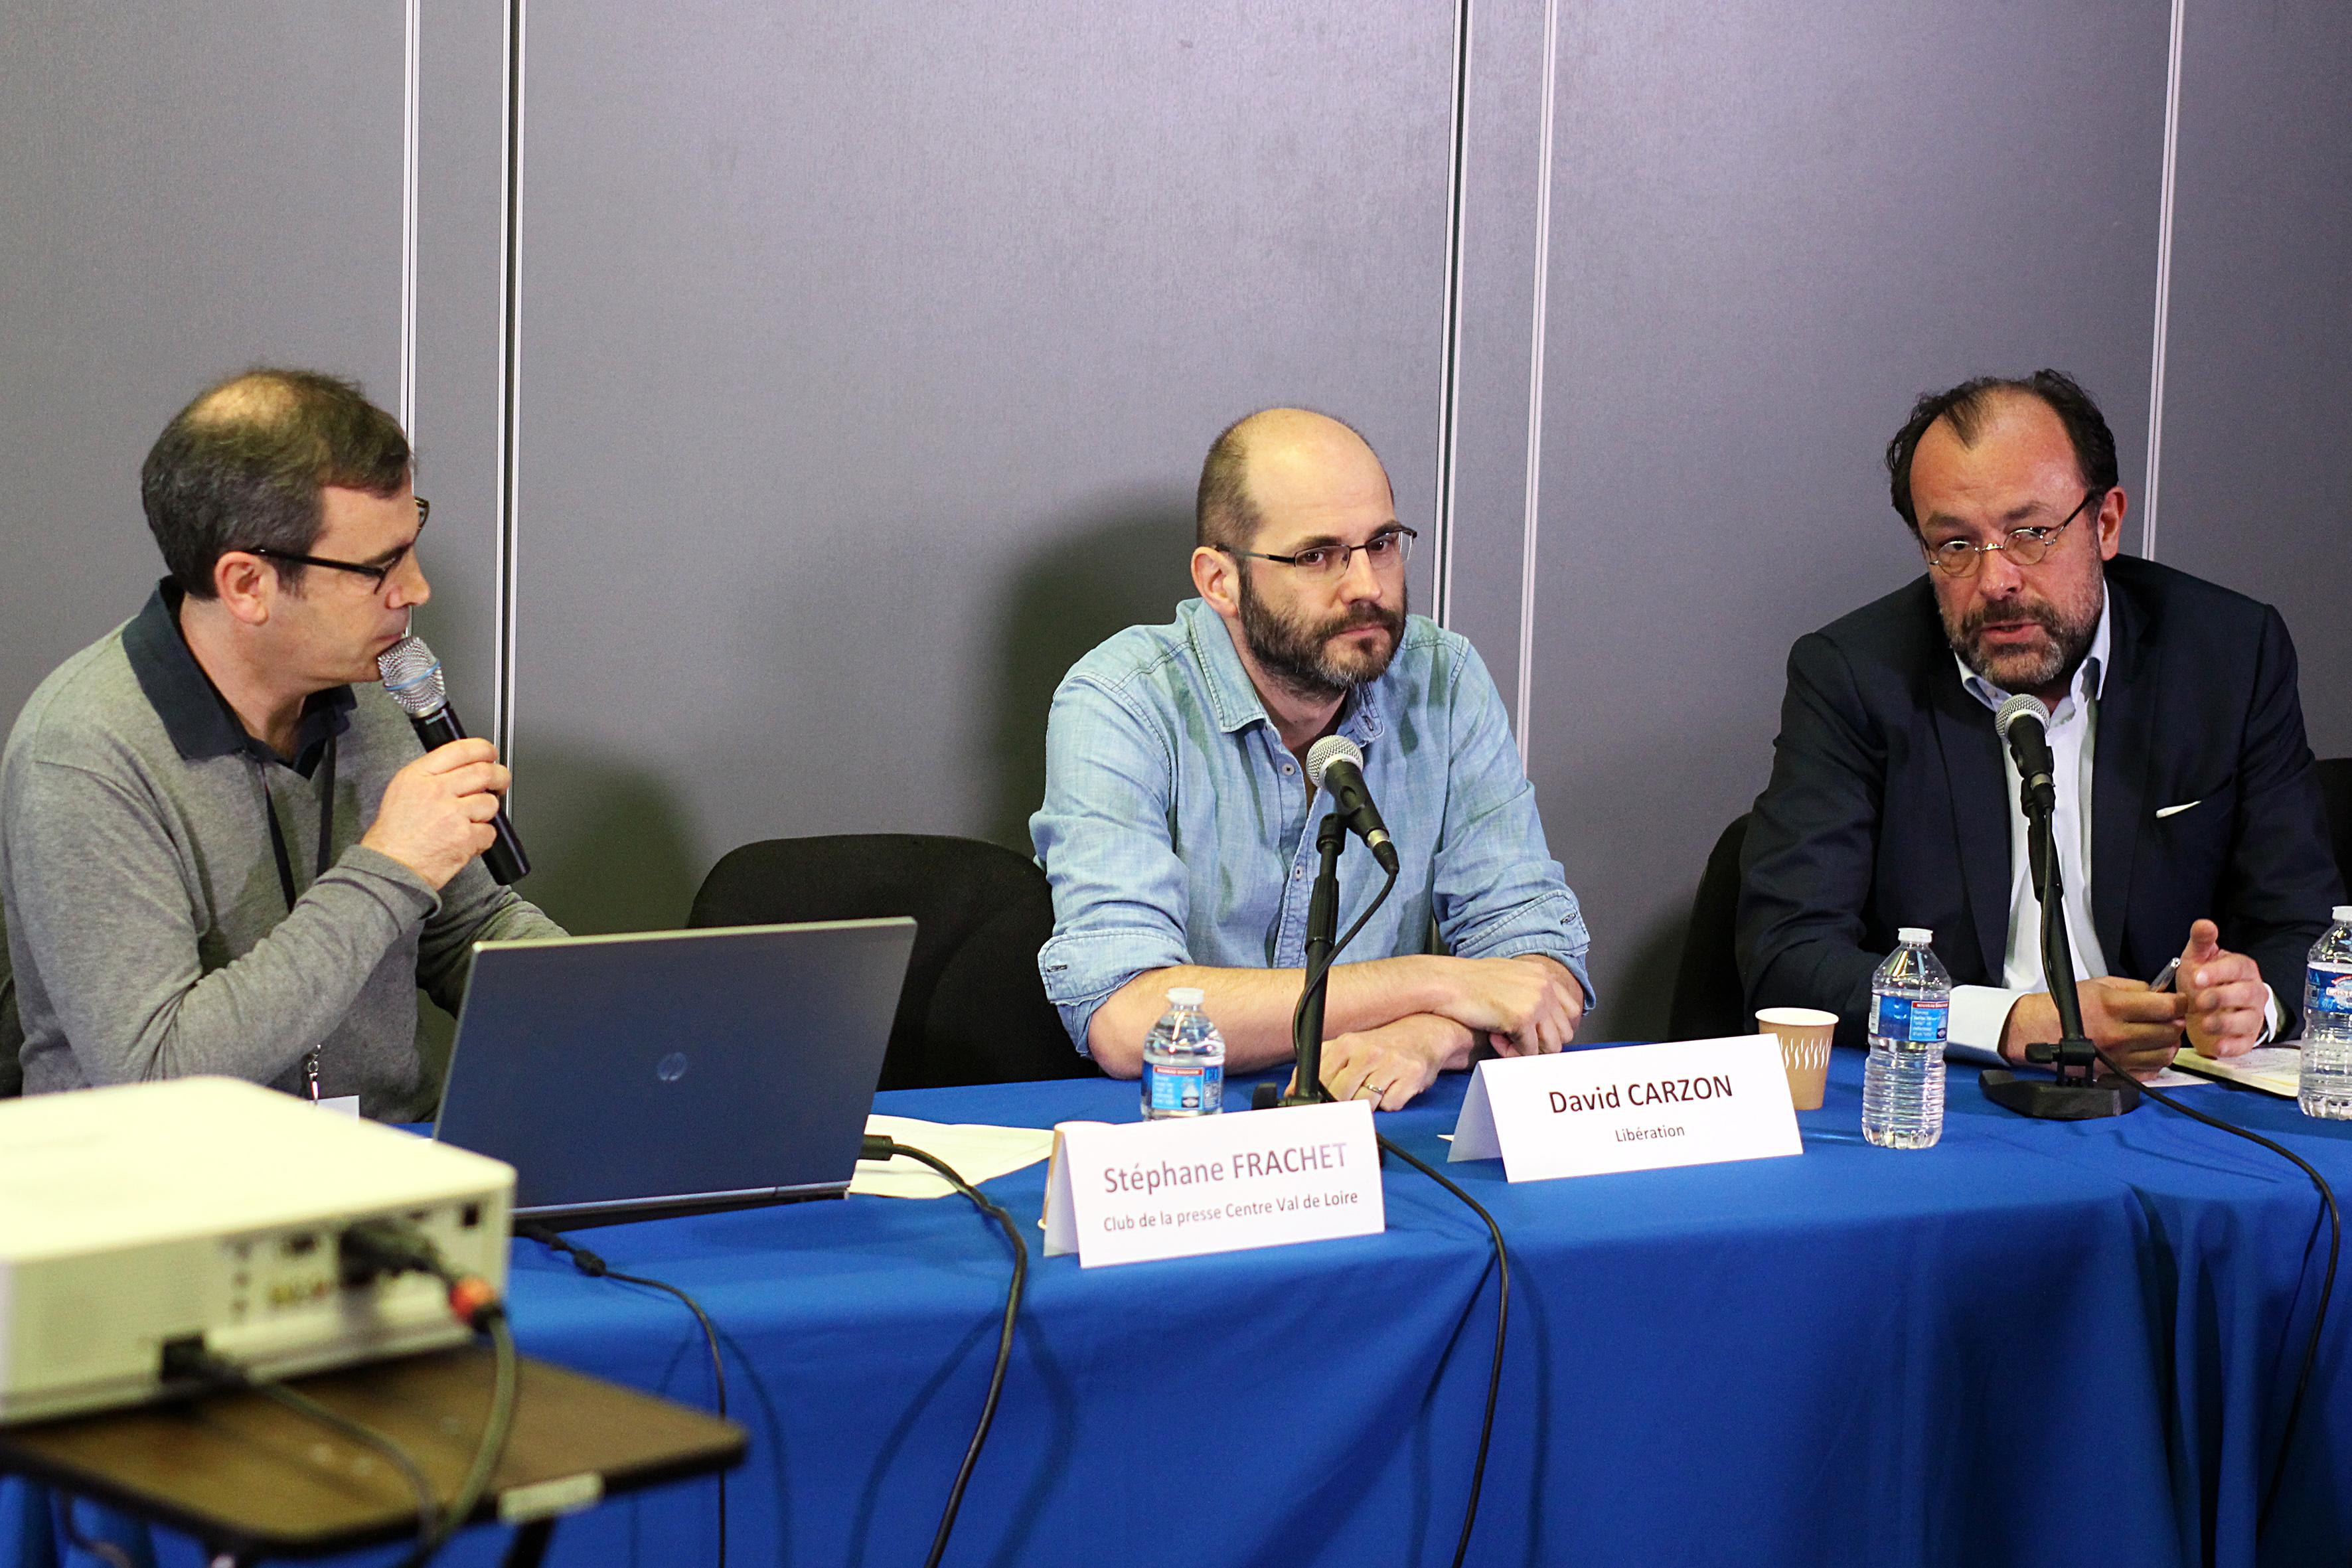 Stéphane Frachet, David Carzon et Vincent Peyrègne.